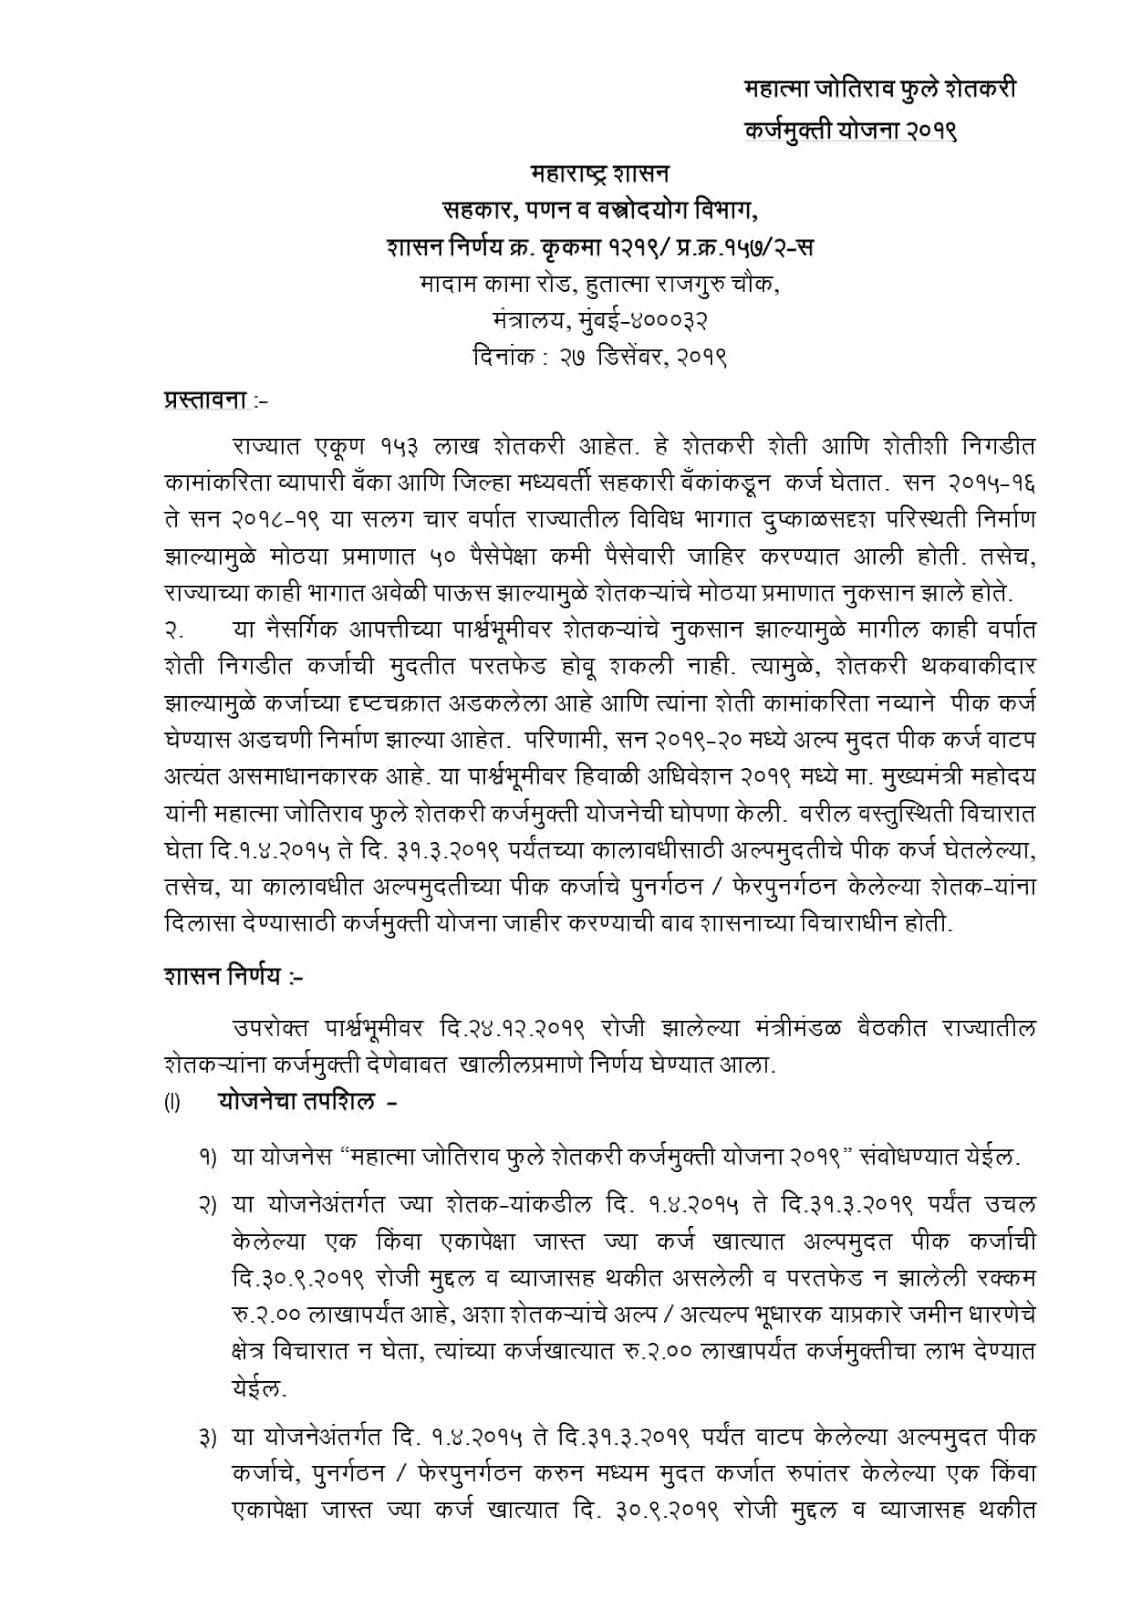 Karj Mafi GR 2019-2020 Maharashtra